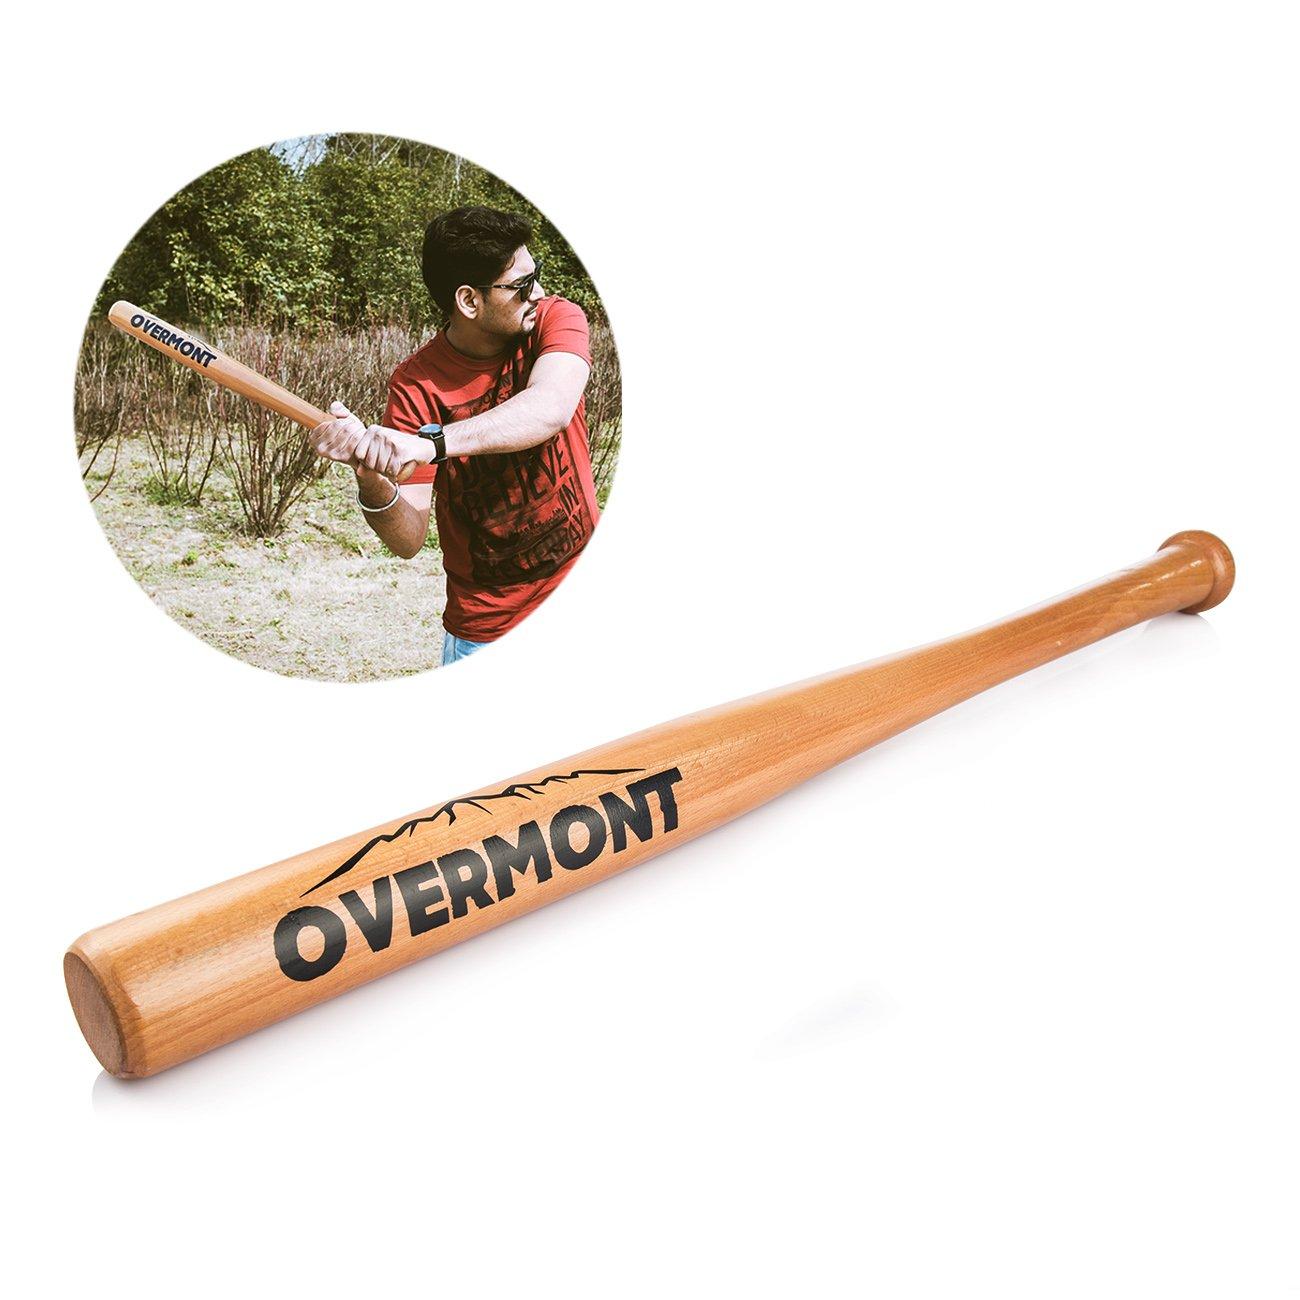 Overmont Bate de béisbol softball de madera , tamaño 25/29/33 pulgadas OM-WBat-33